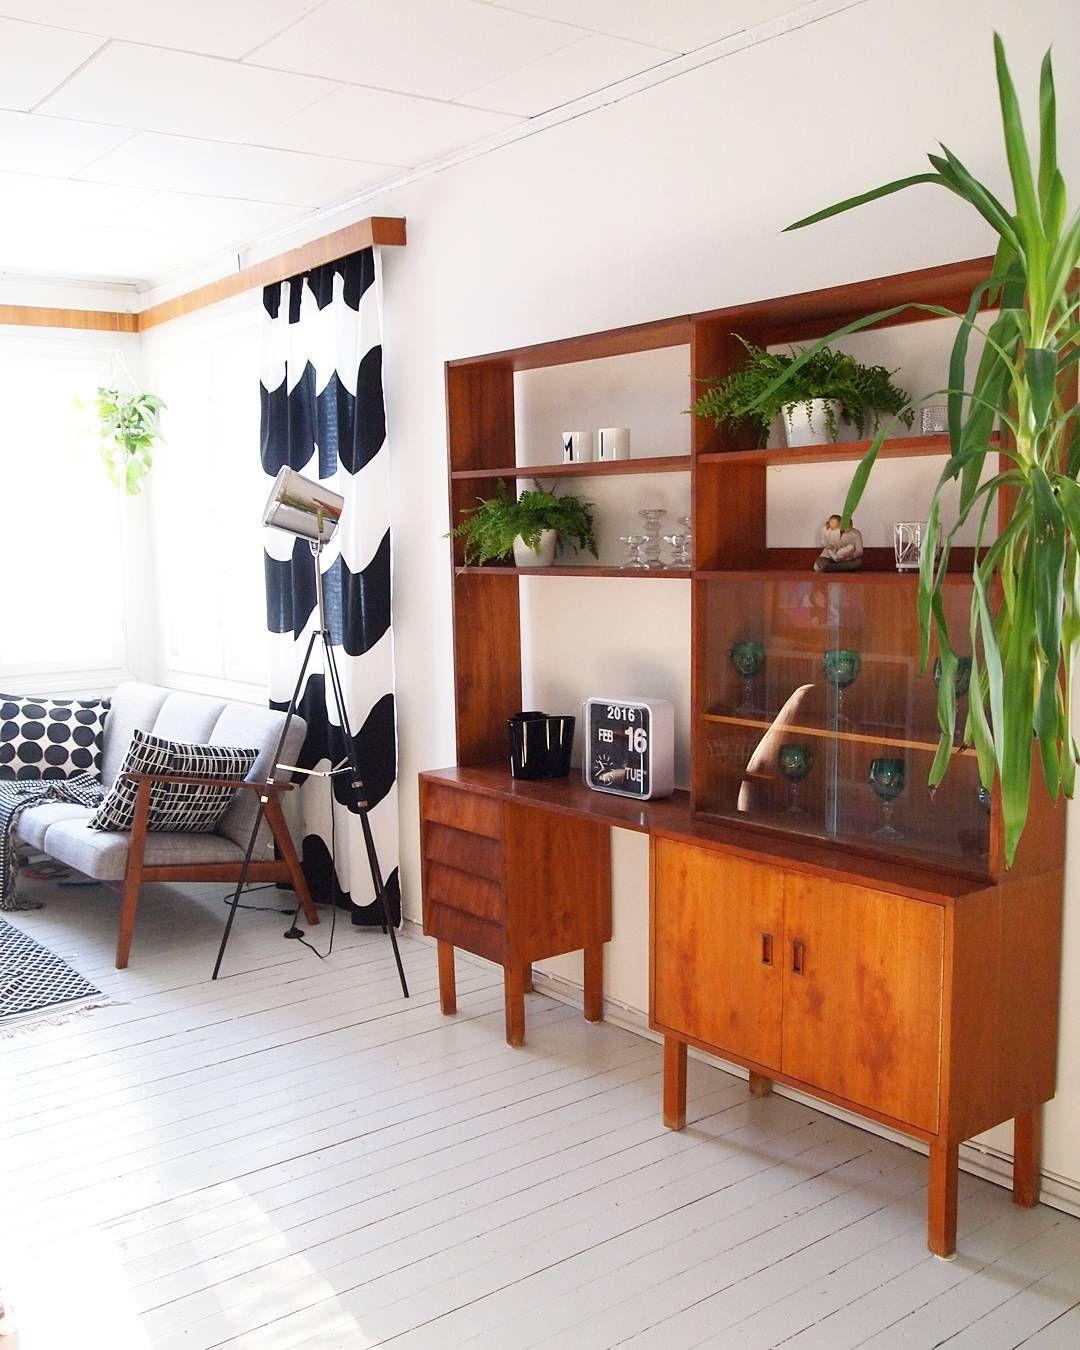 On instagram by miimiinkoti #homedesign #contratahotel (o) http://ift.tt/1LsEqtt sitten se olohuoneen sisustus pyörähti melkein kokonaan ympäri  #olohuone #livingroom #interior #etuovisisustus #oikotiesisustus #instahome #inspiroivakoti #retrohome #retroregram #marimekko #midcenturystyle #midcenturyfurniture #vintage #wwinterior #interiorwarrior #atmine #besimplystylish #oldhouse #rintamamiestalo #interiordesign #interiorstyling #homestyling  #home